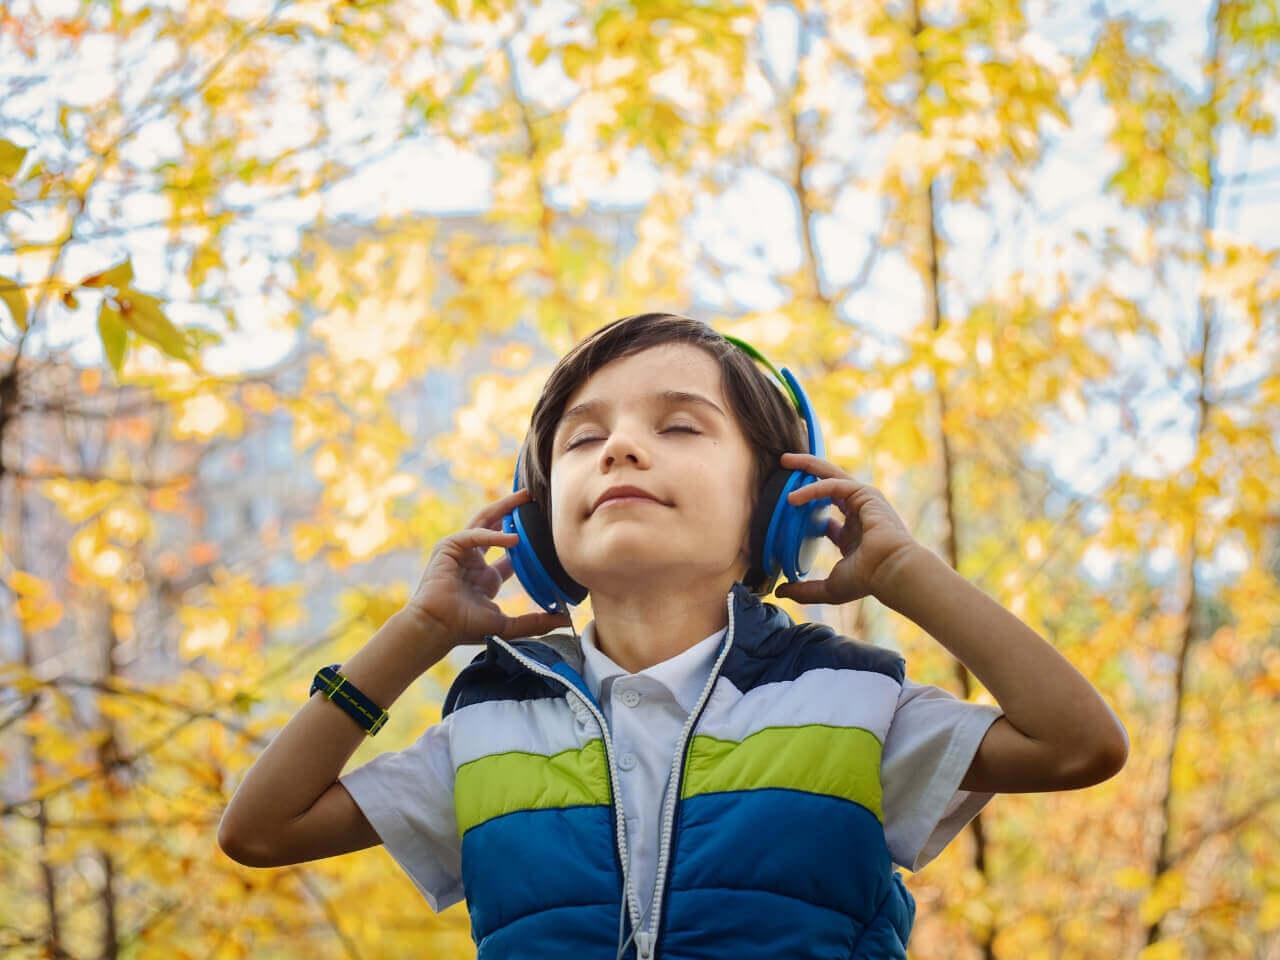 静かな森でヘッドホンで音楽を聞く少年